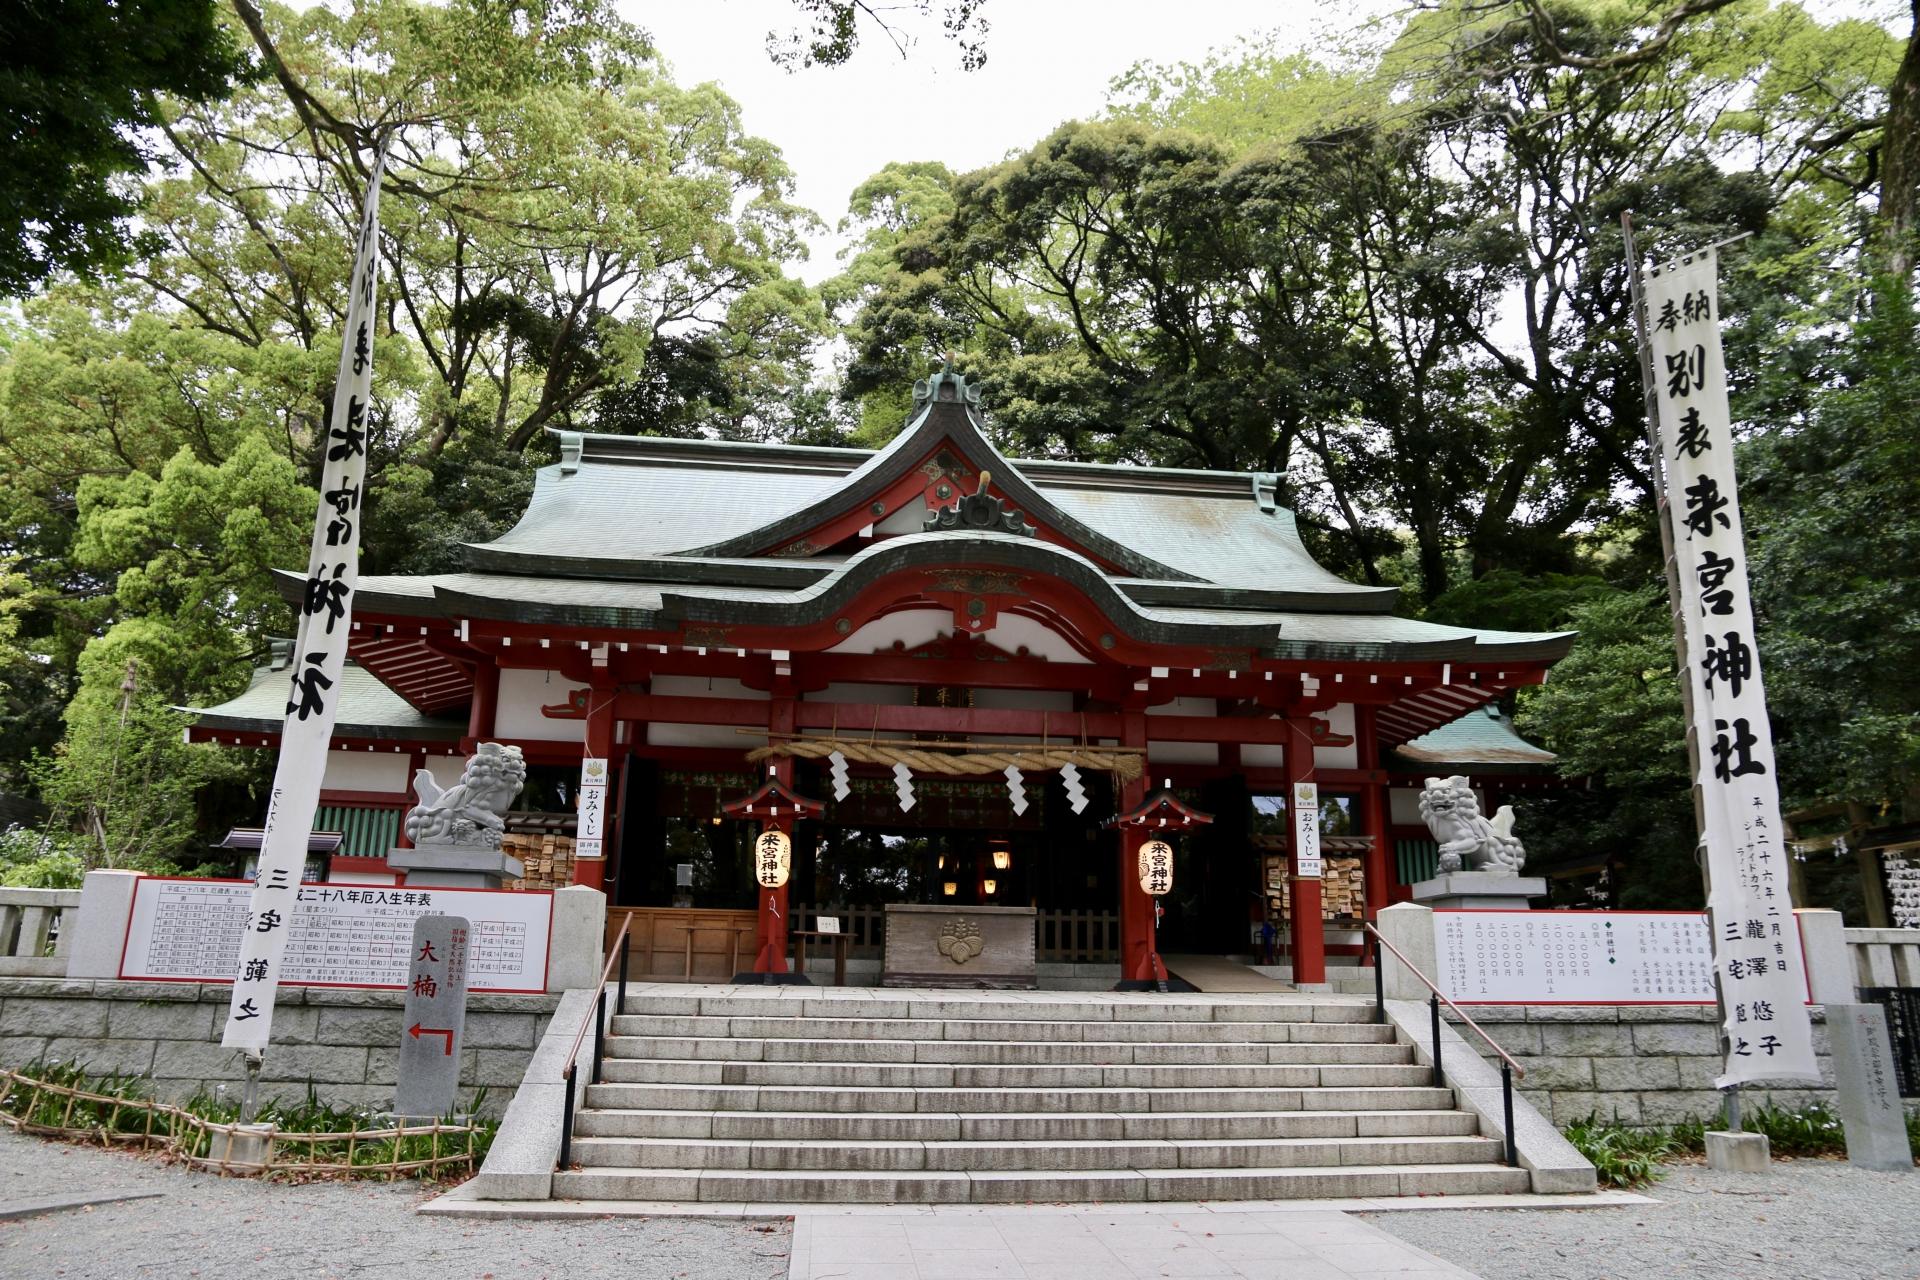 【熱海へ新婚旅行】東京都から静岡県の熱海への新婚旅行レポート